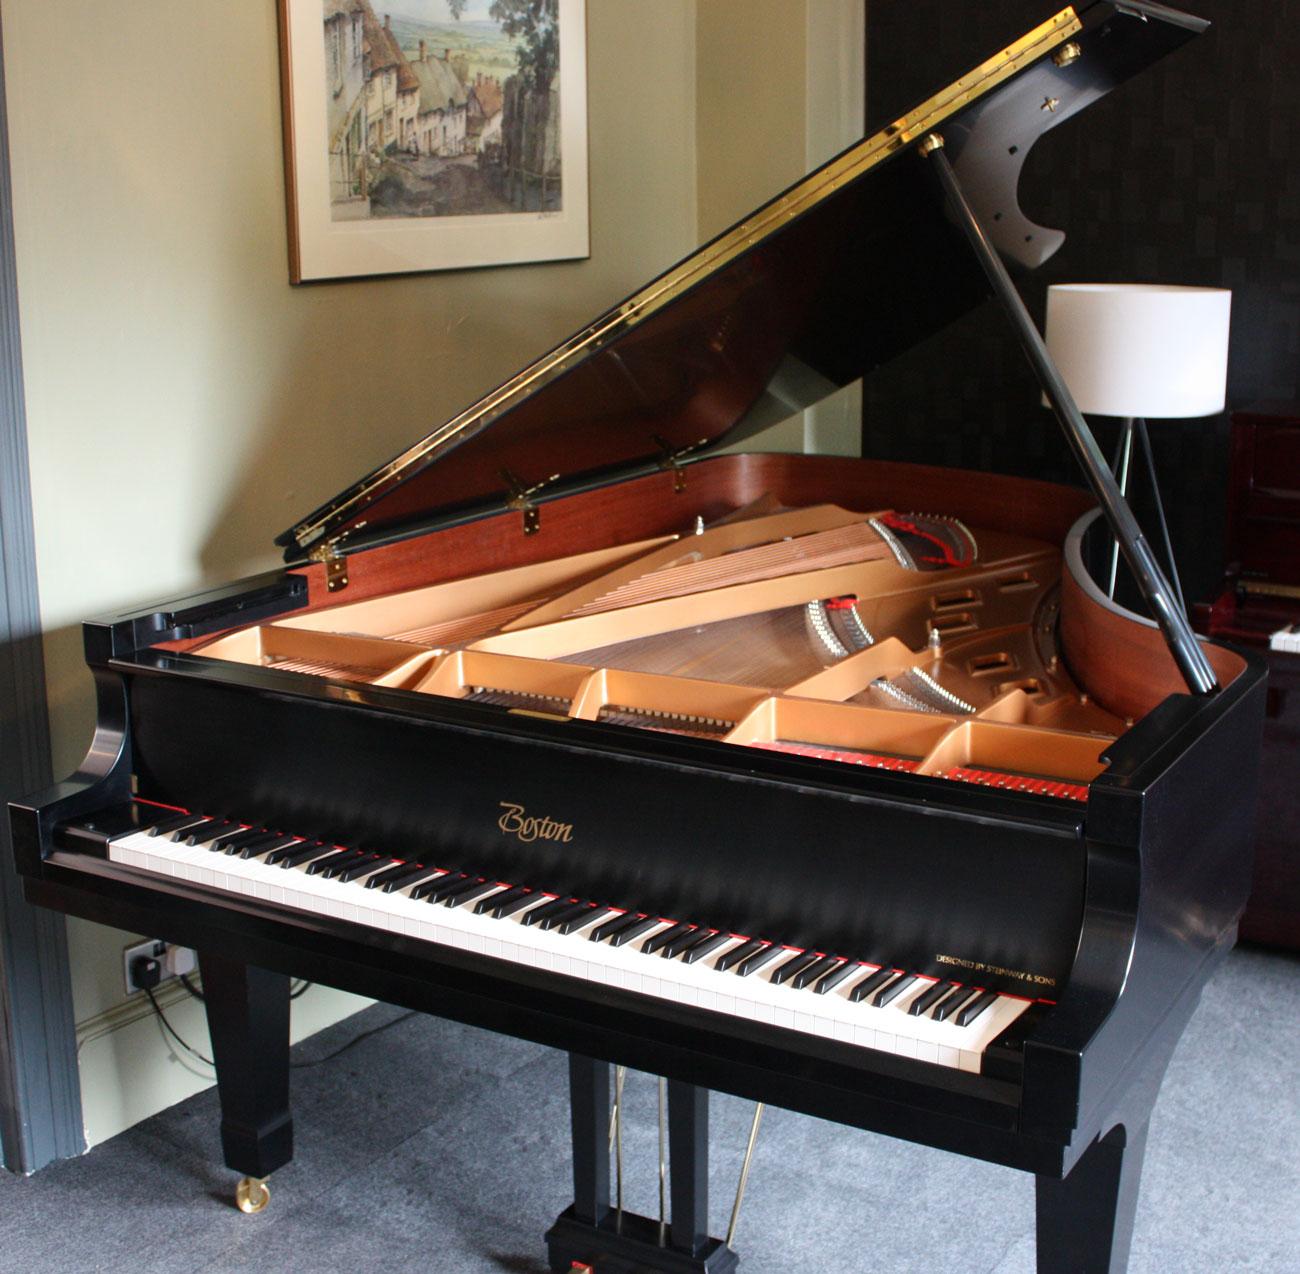 Steinway Boston GP-215 PE Grand Piano for Sale | The Piano Shop Bath